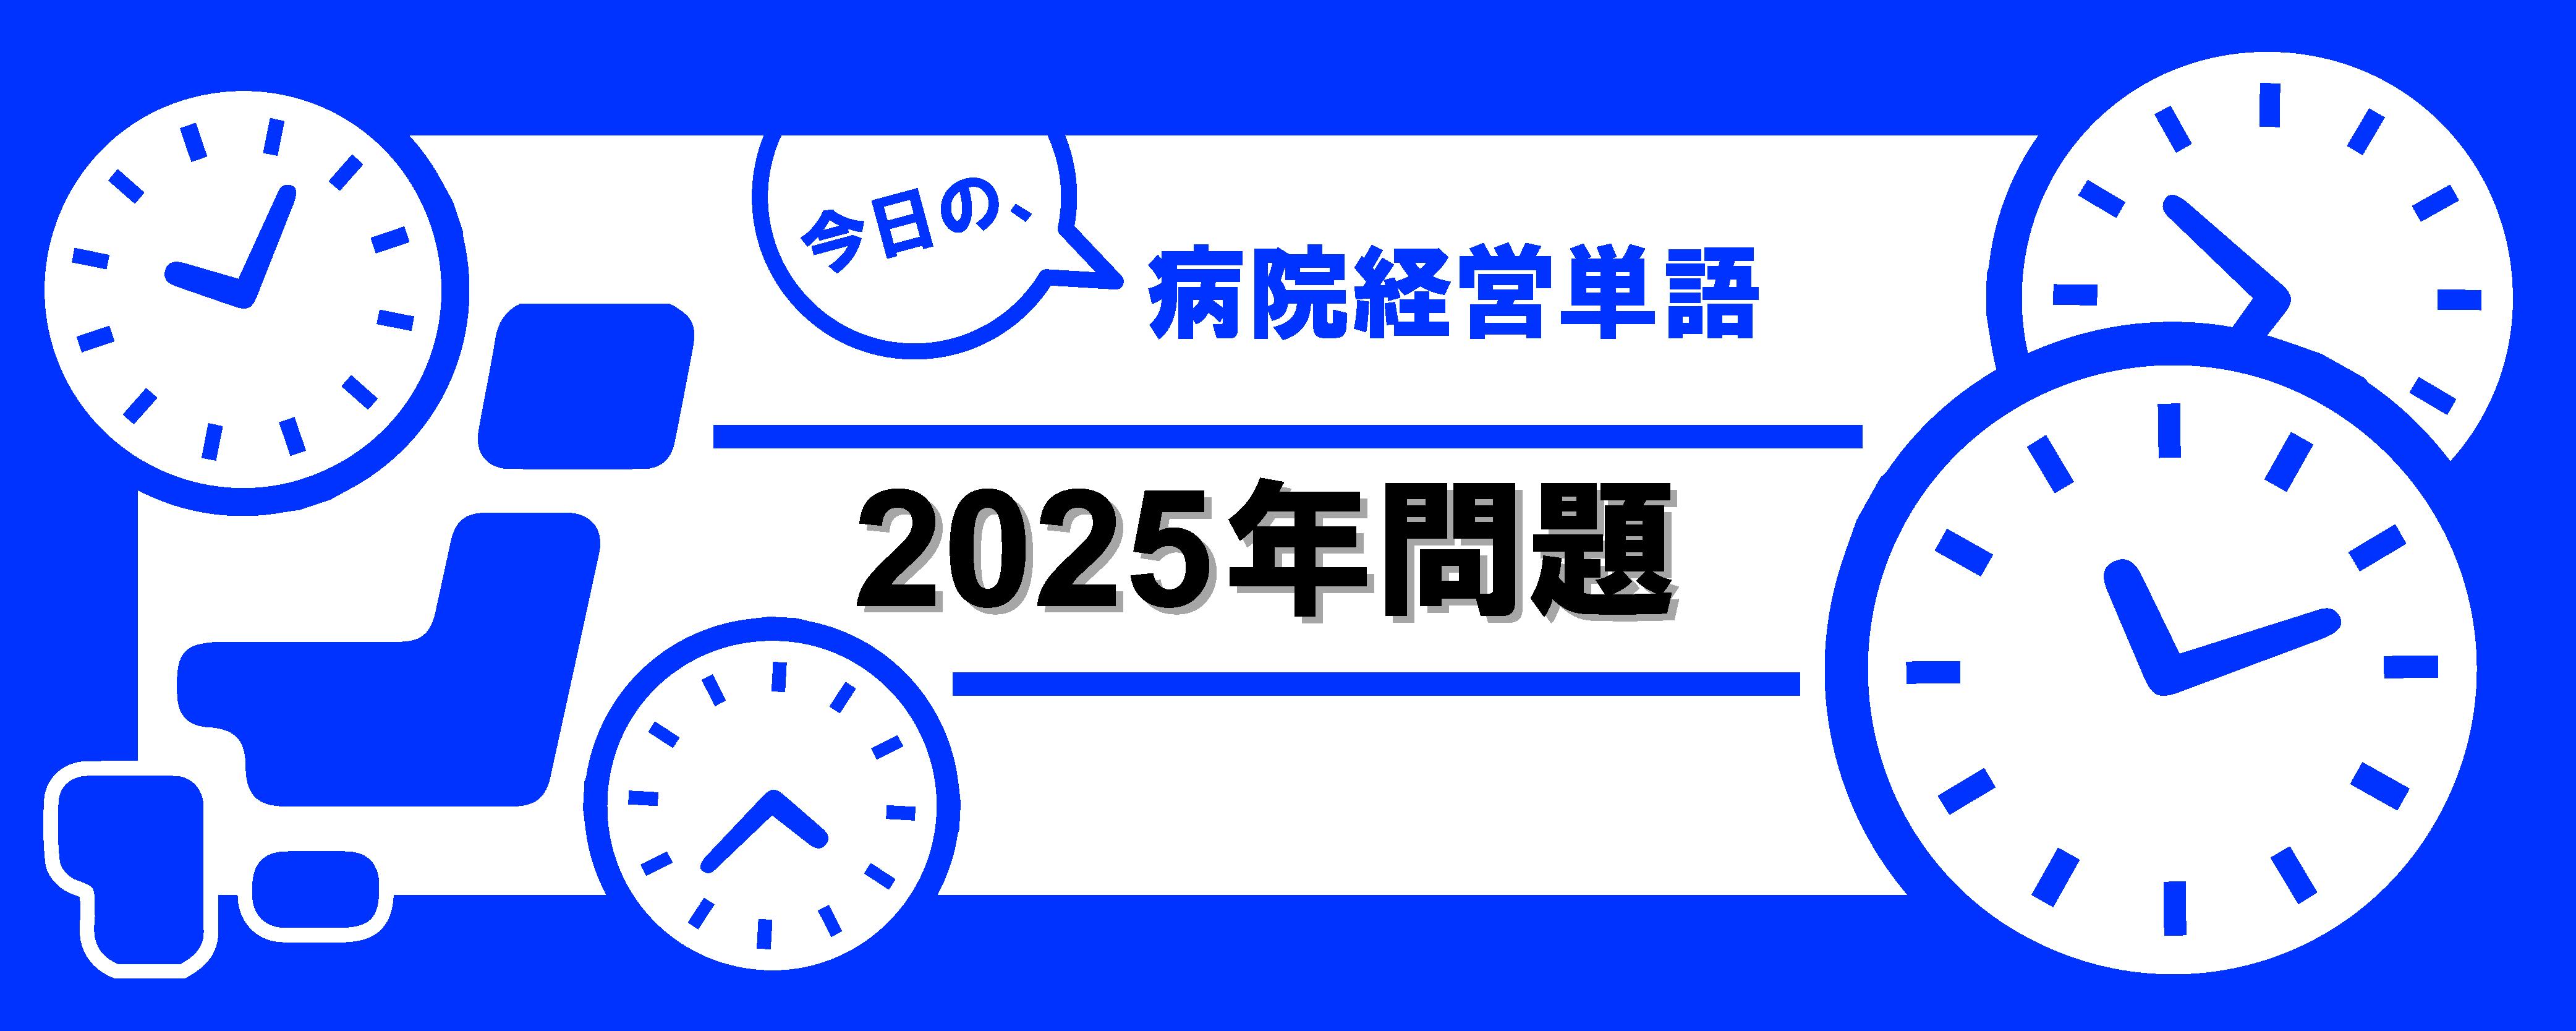 21.経営単語_記事画像